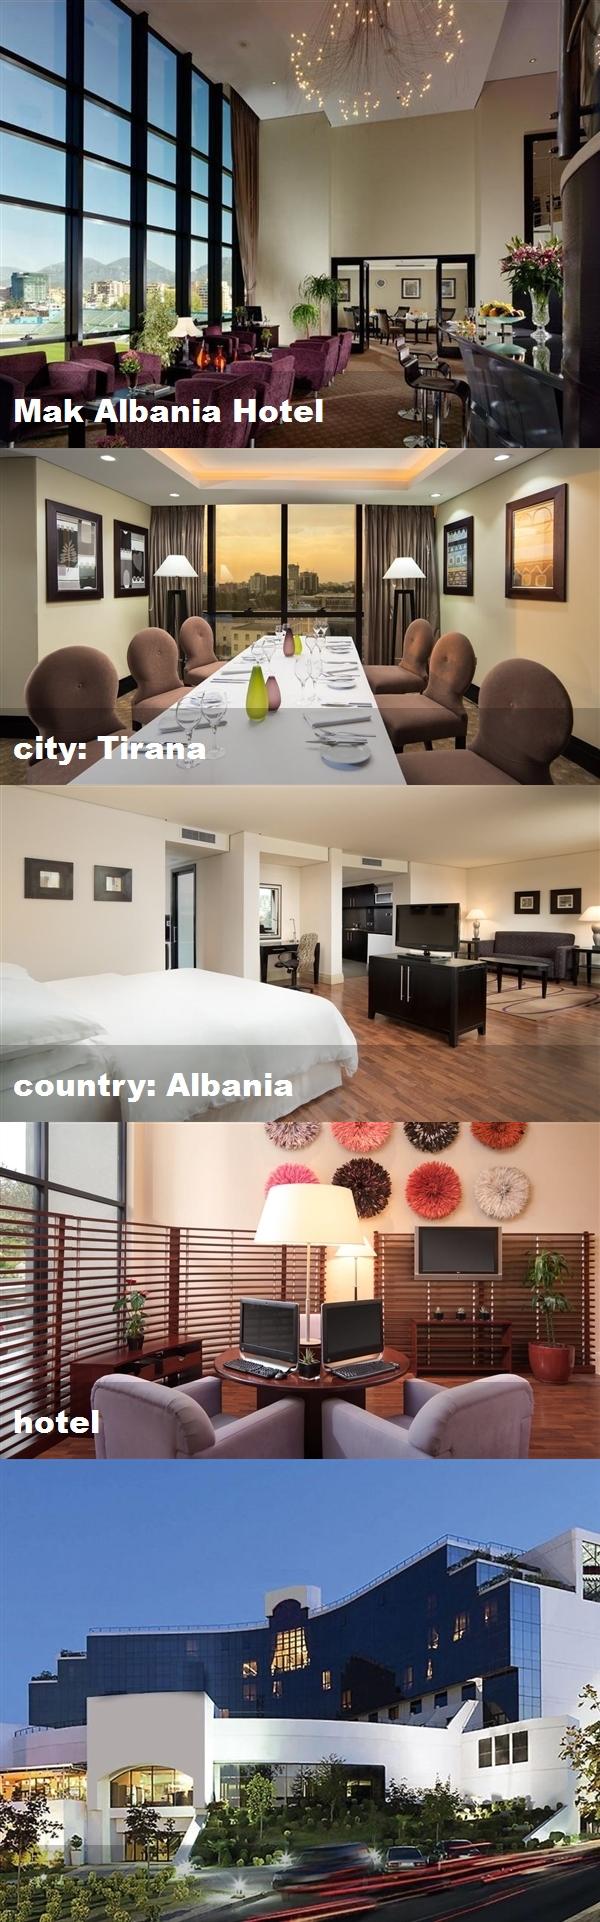 Mak Albania Hotel City Tirana Country Albania Hotel Hotel Tirana Albania